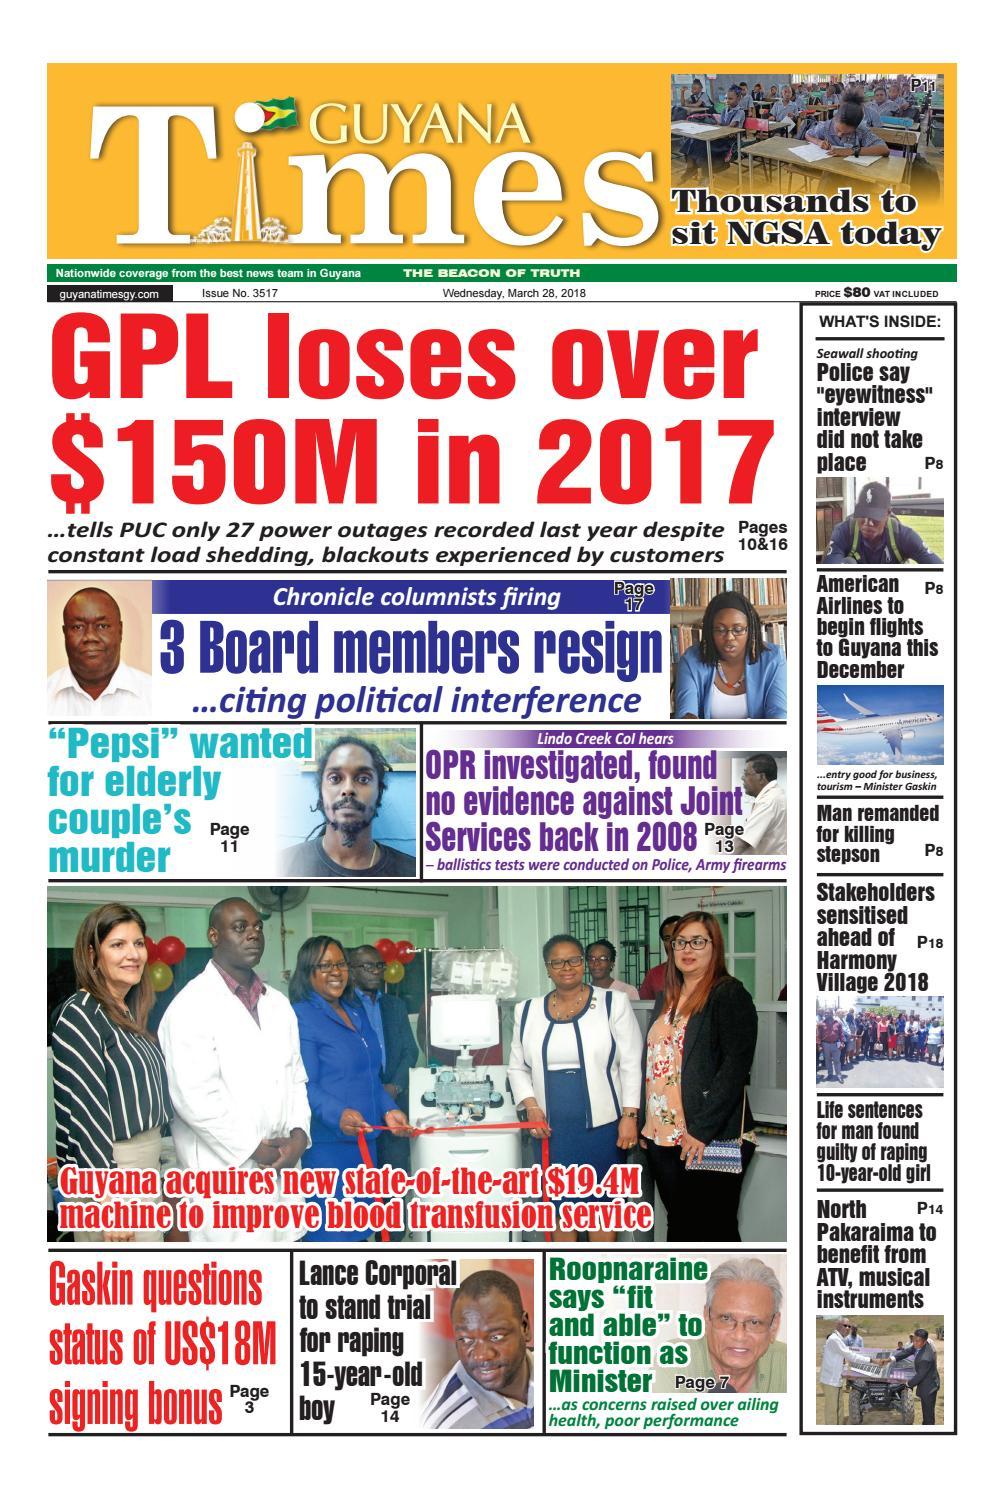 Guyanatime 28 march 2018 by Gytimes - issuu